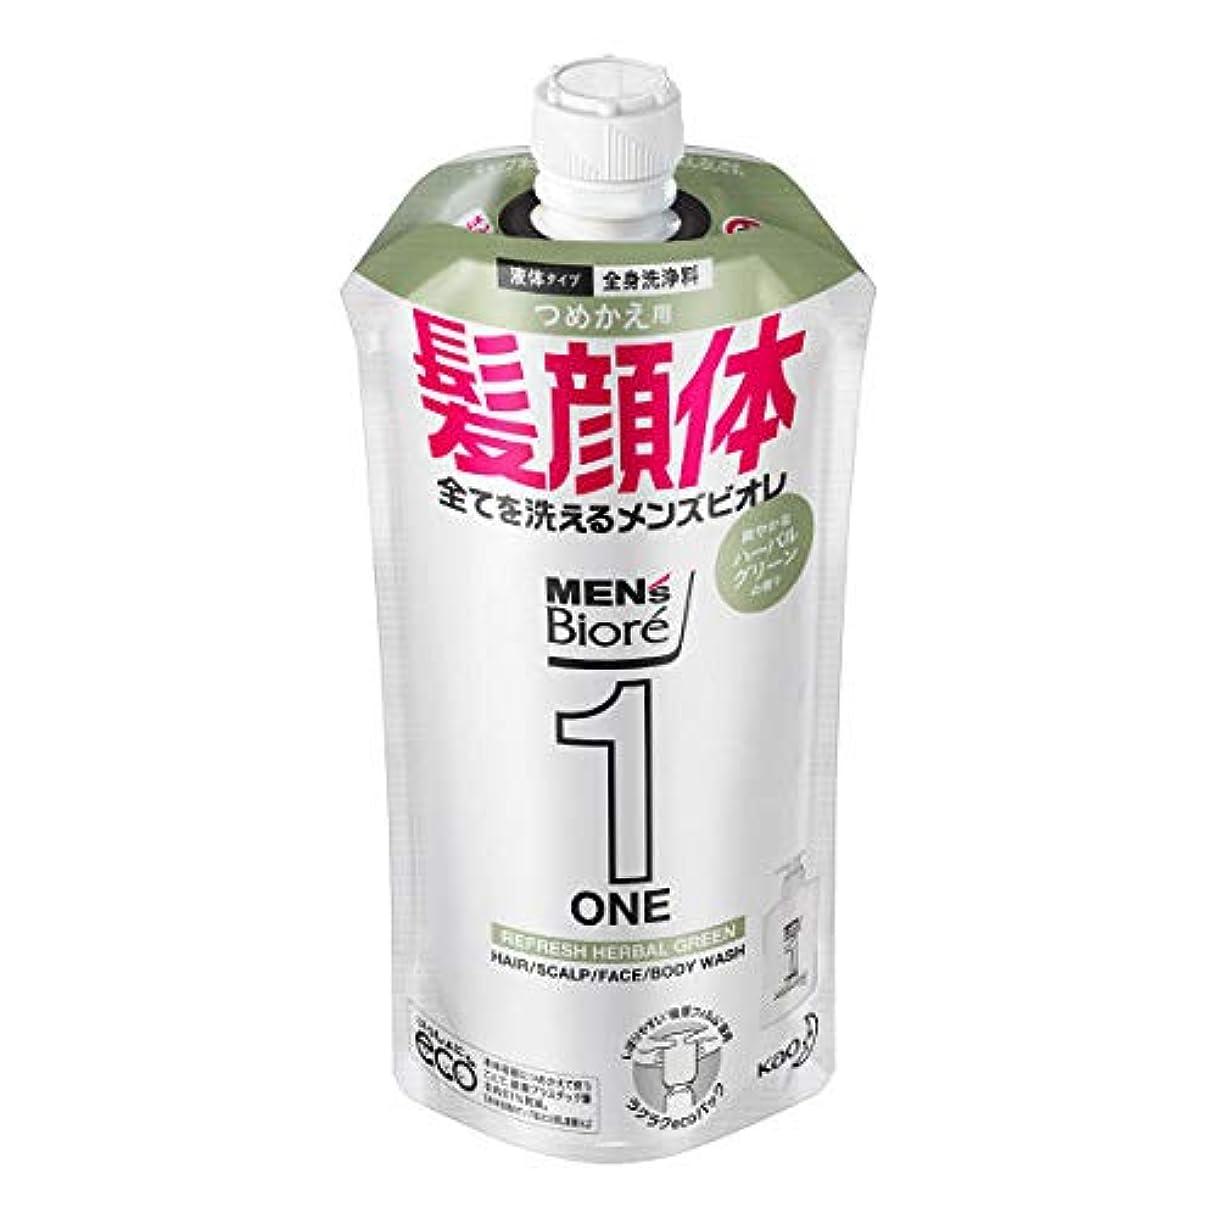 落胆する脱走平方メンズビオレONE オールインワン全身洗浄料 爽やかなハーブルグリーンの香り つめかえ用 340mL